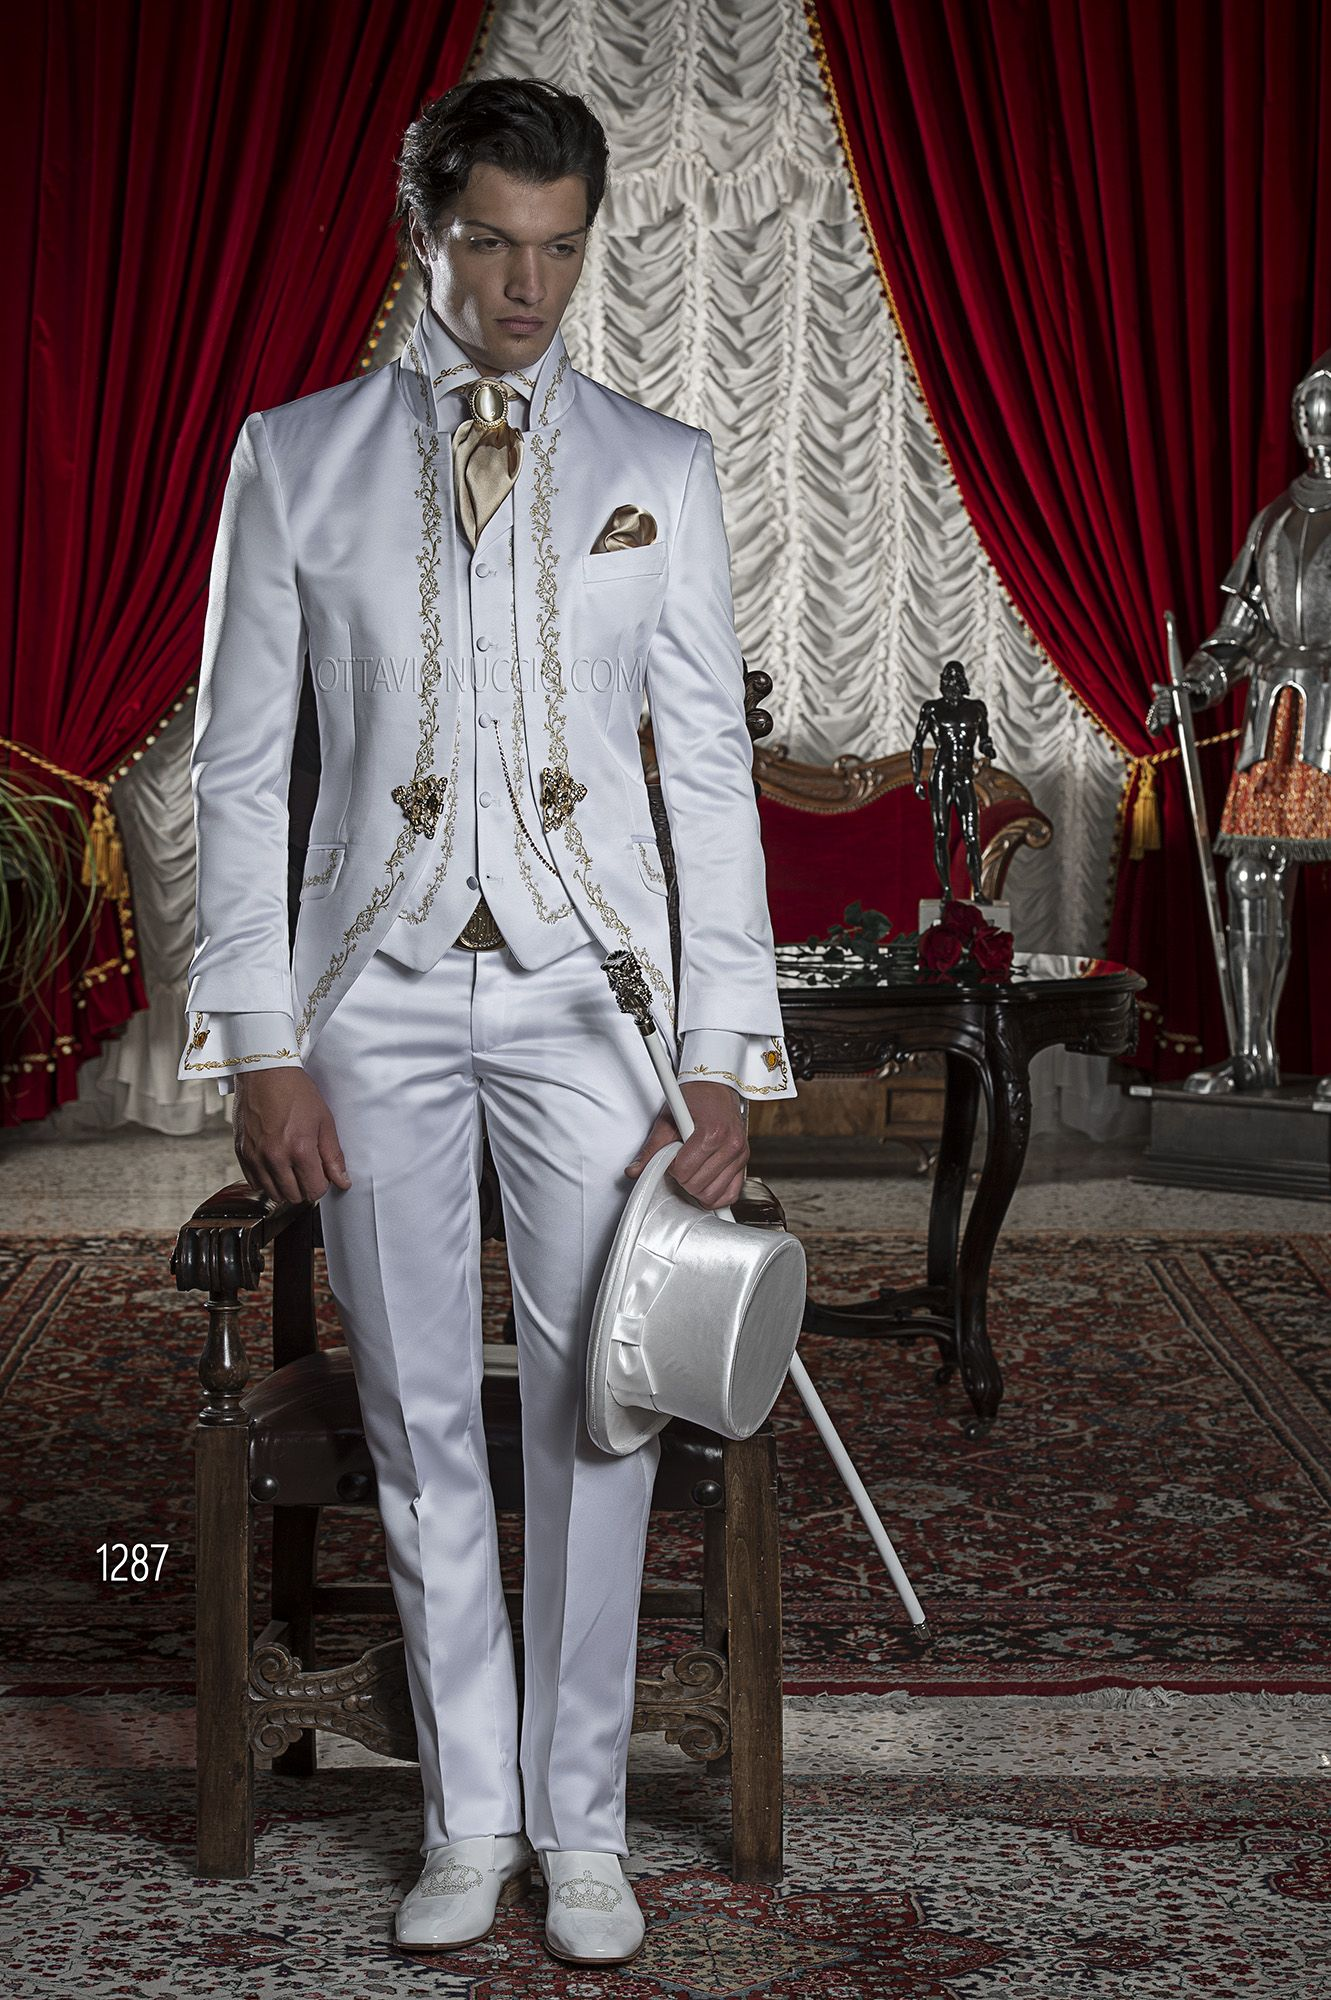 b5ac2a7962bf Abiti da cerimonia uomo bianchi – Modelli alla moda di abiti 2018